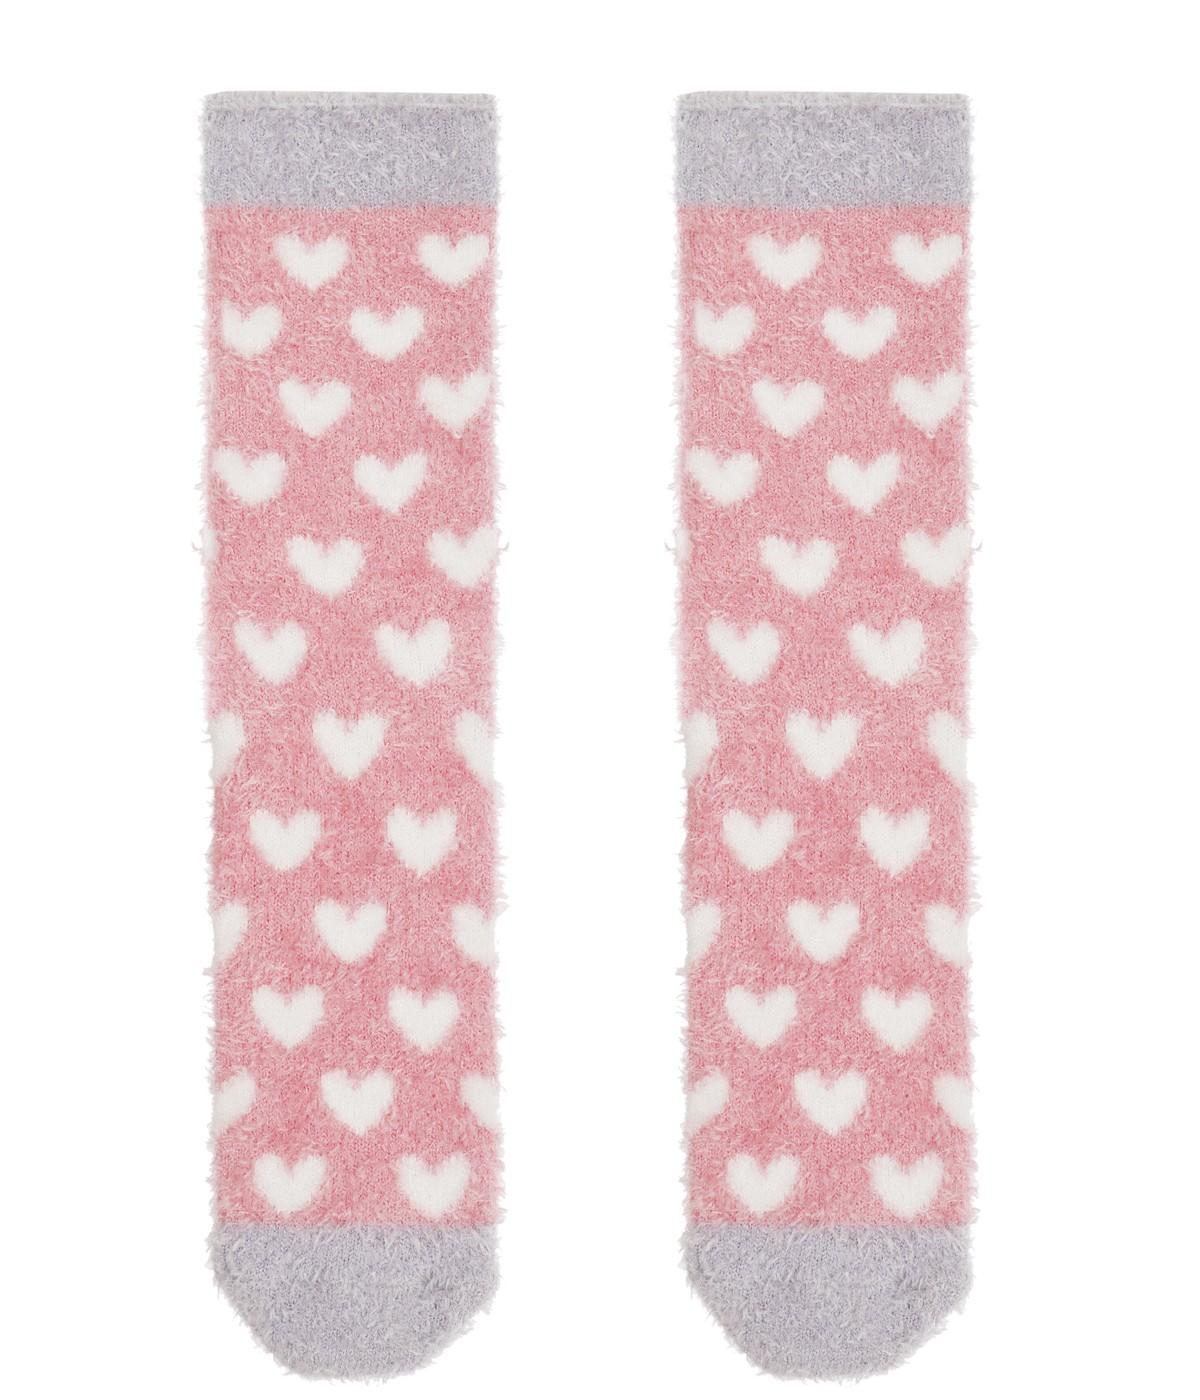 Small Hearts Socks